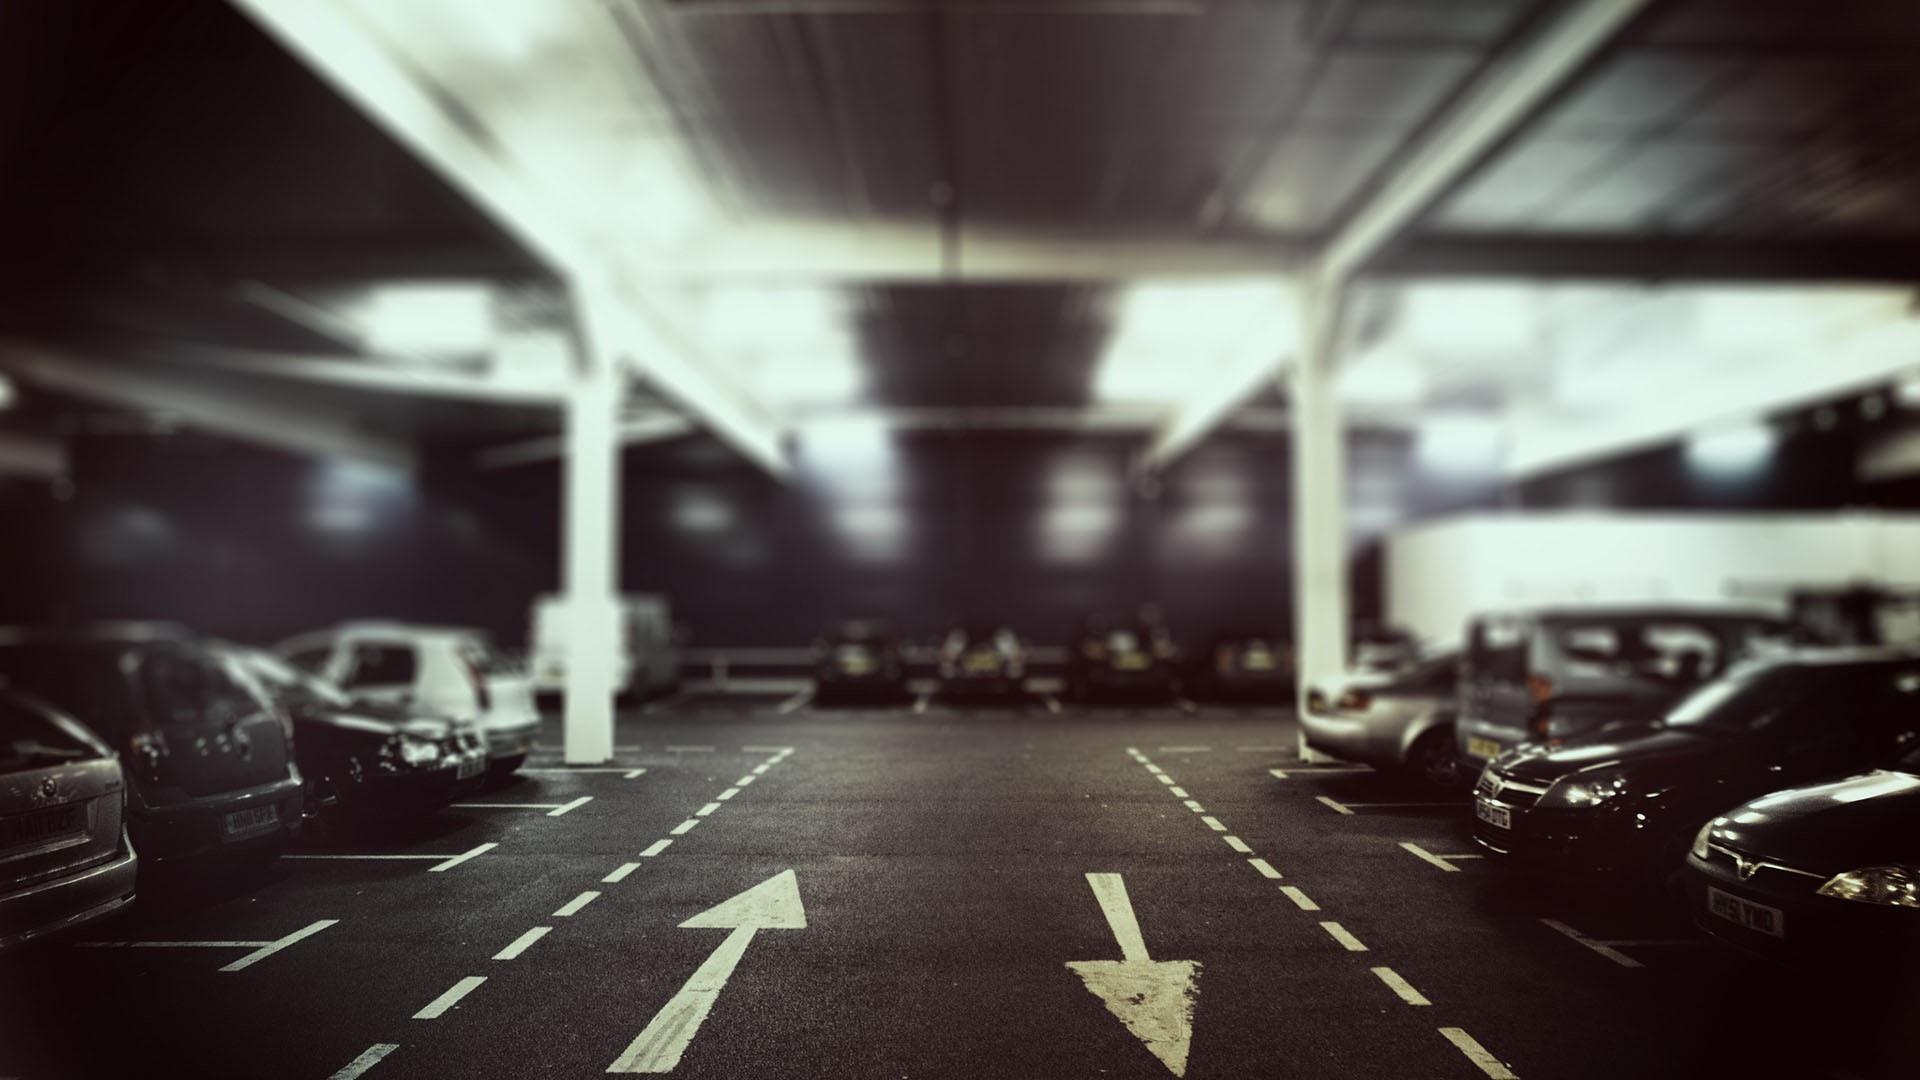 Location parking paris : actualisez vos recherches